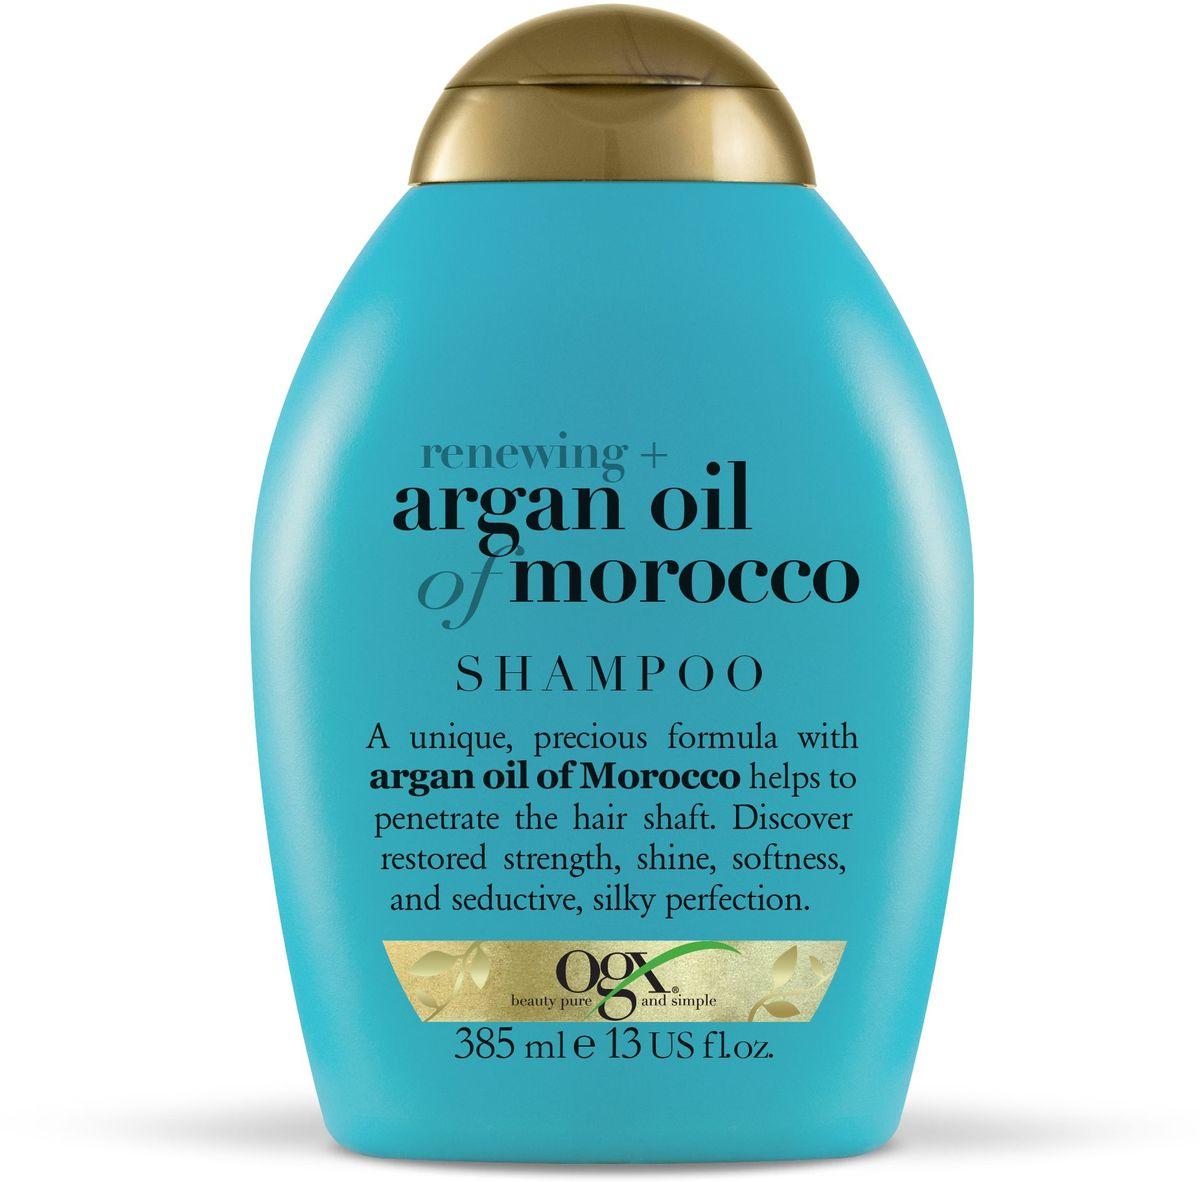 OGX Шампунь для восстановления волос с аргановым маслом, 385 мл.FS-00897Шампунь для восстановления волос с аргановым маслом, обогащенный антиоксидантами, способствует обновлению клеточной структуры волос, придает сияния и мягкость.